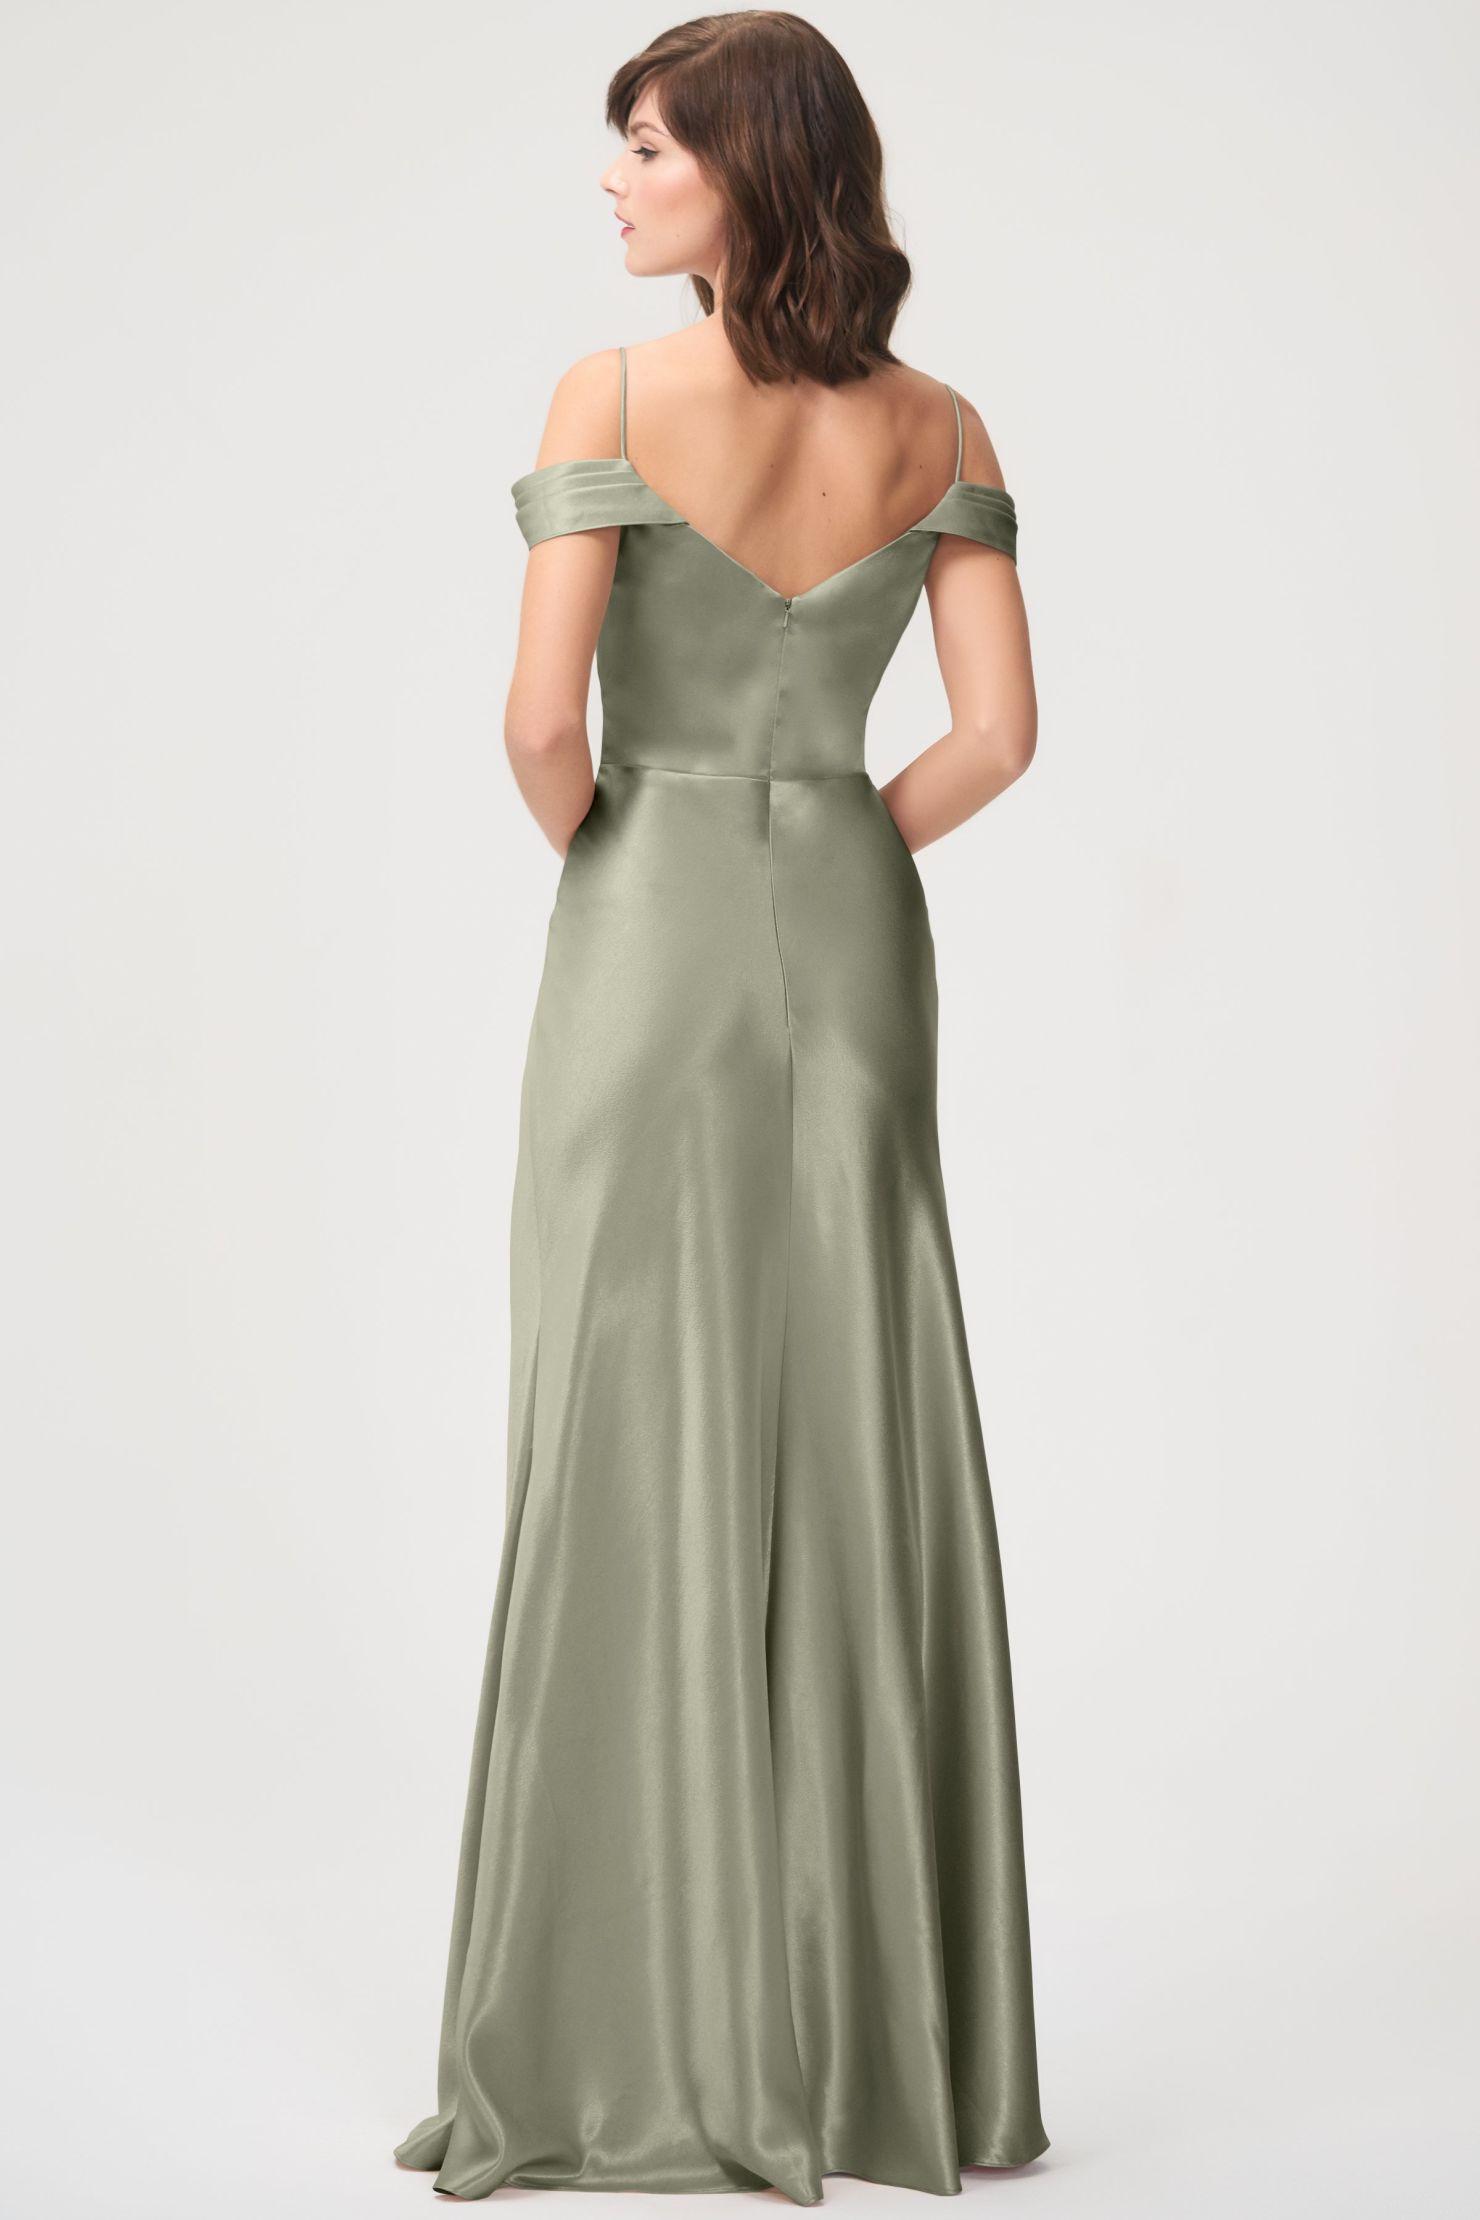 Serena Bridesmaids Dress by Jenny Yoo - Sage